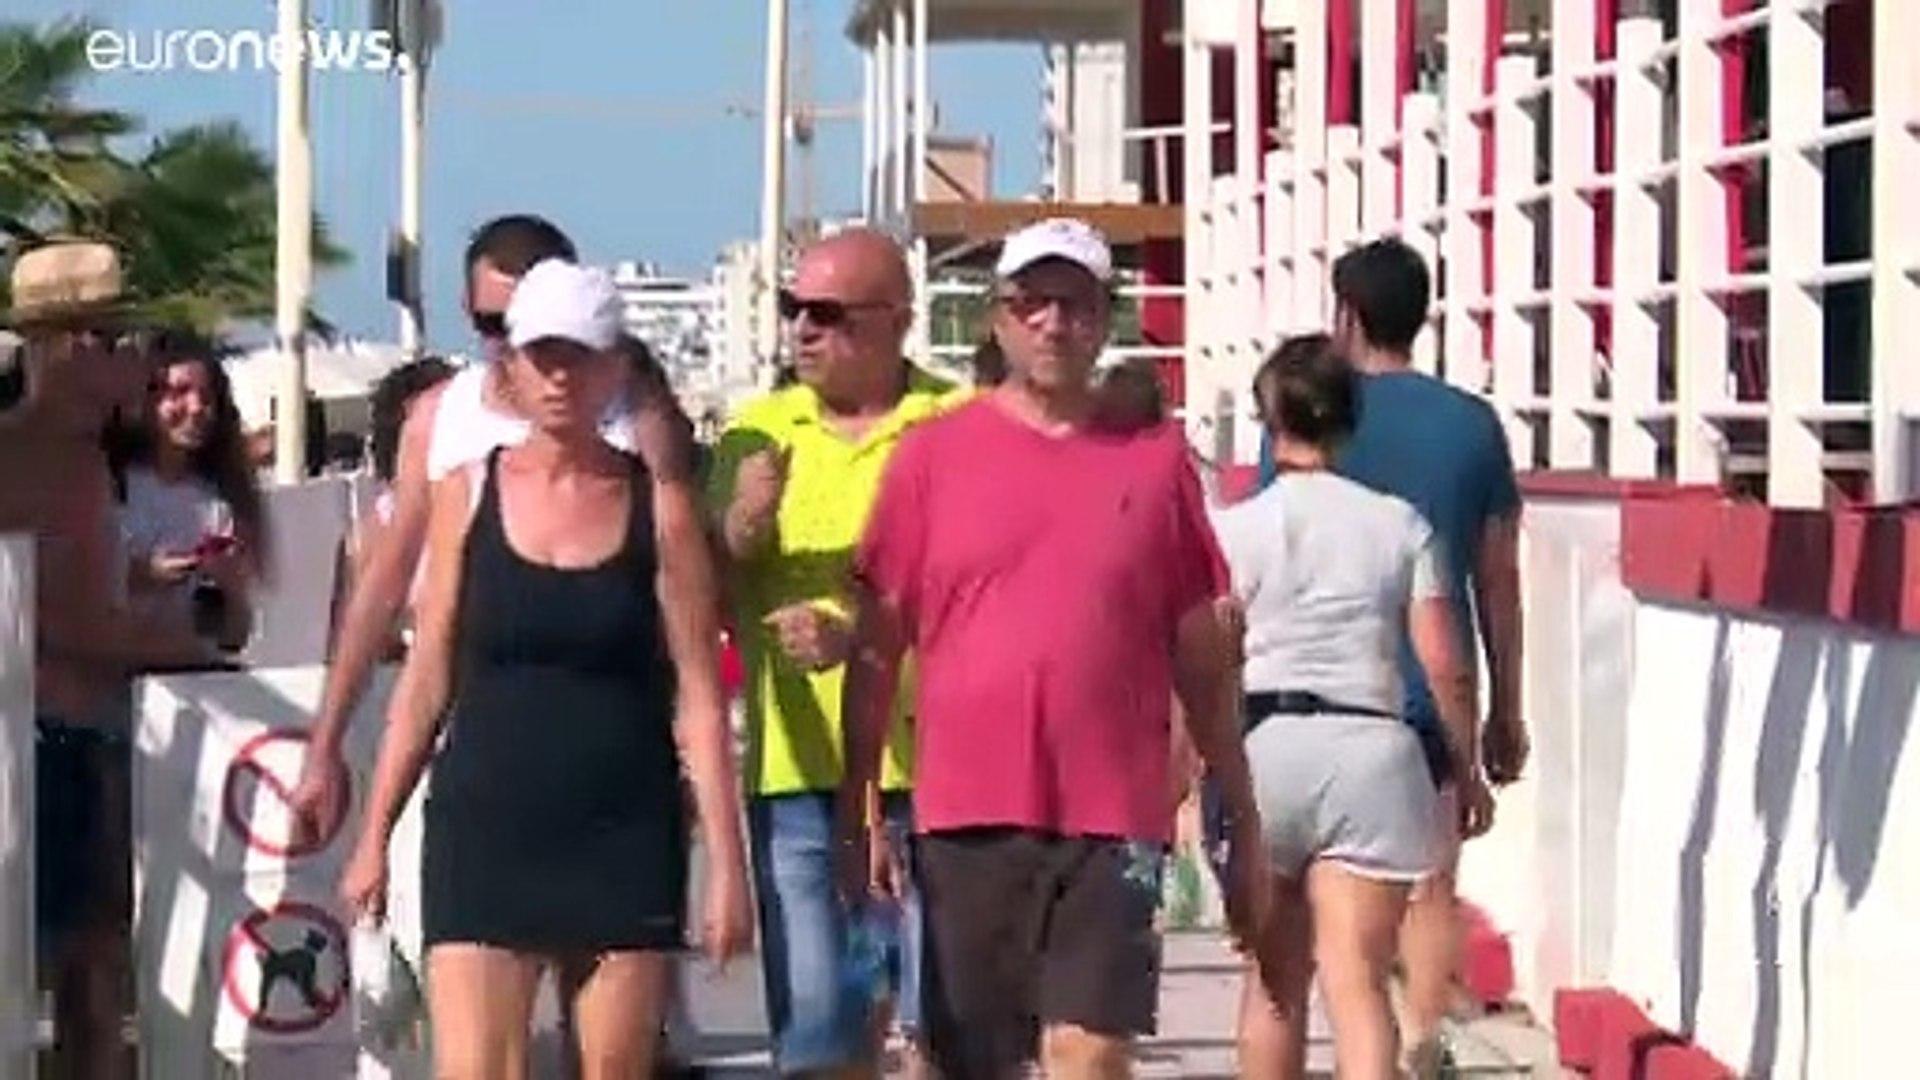 شاهد: دوريات للشرطة الإيطالية على الشواطئ لضمان التقيد بالشروط الصحية